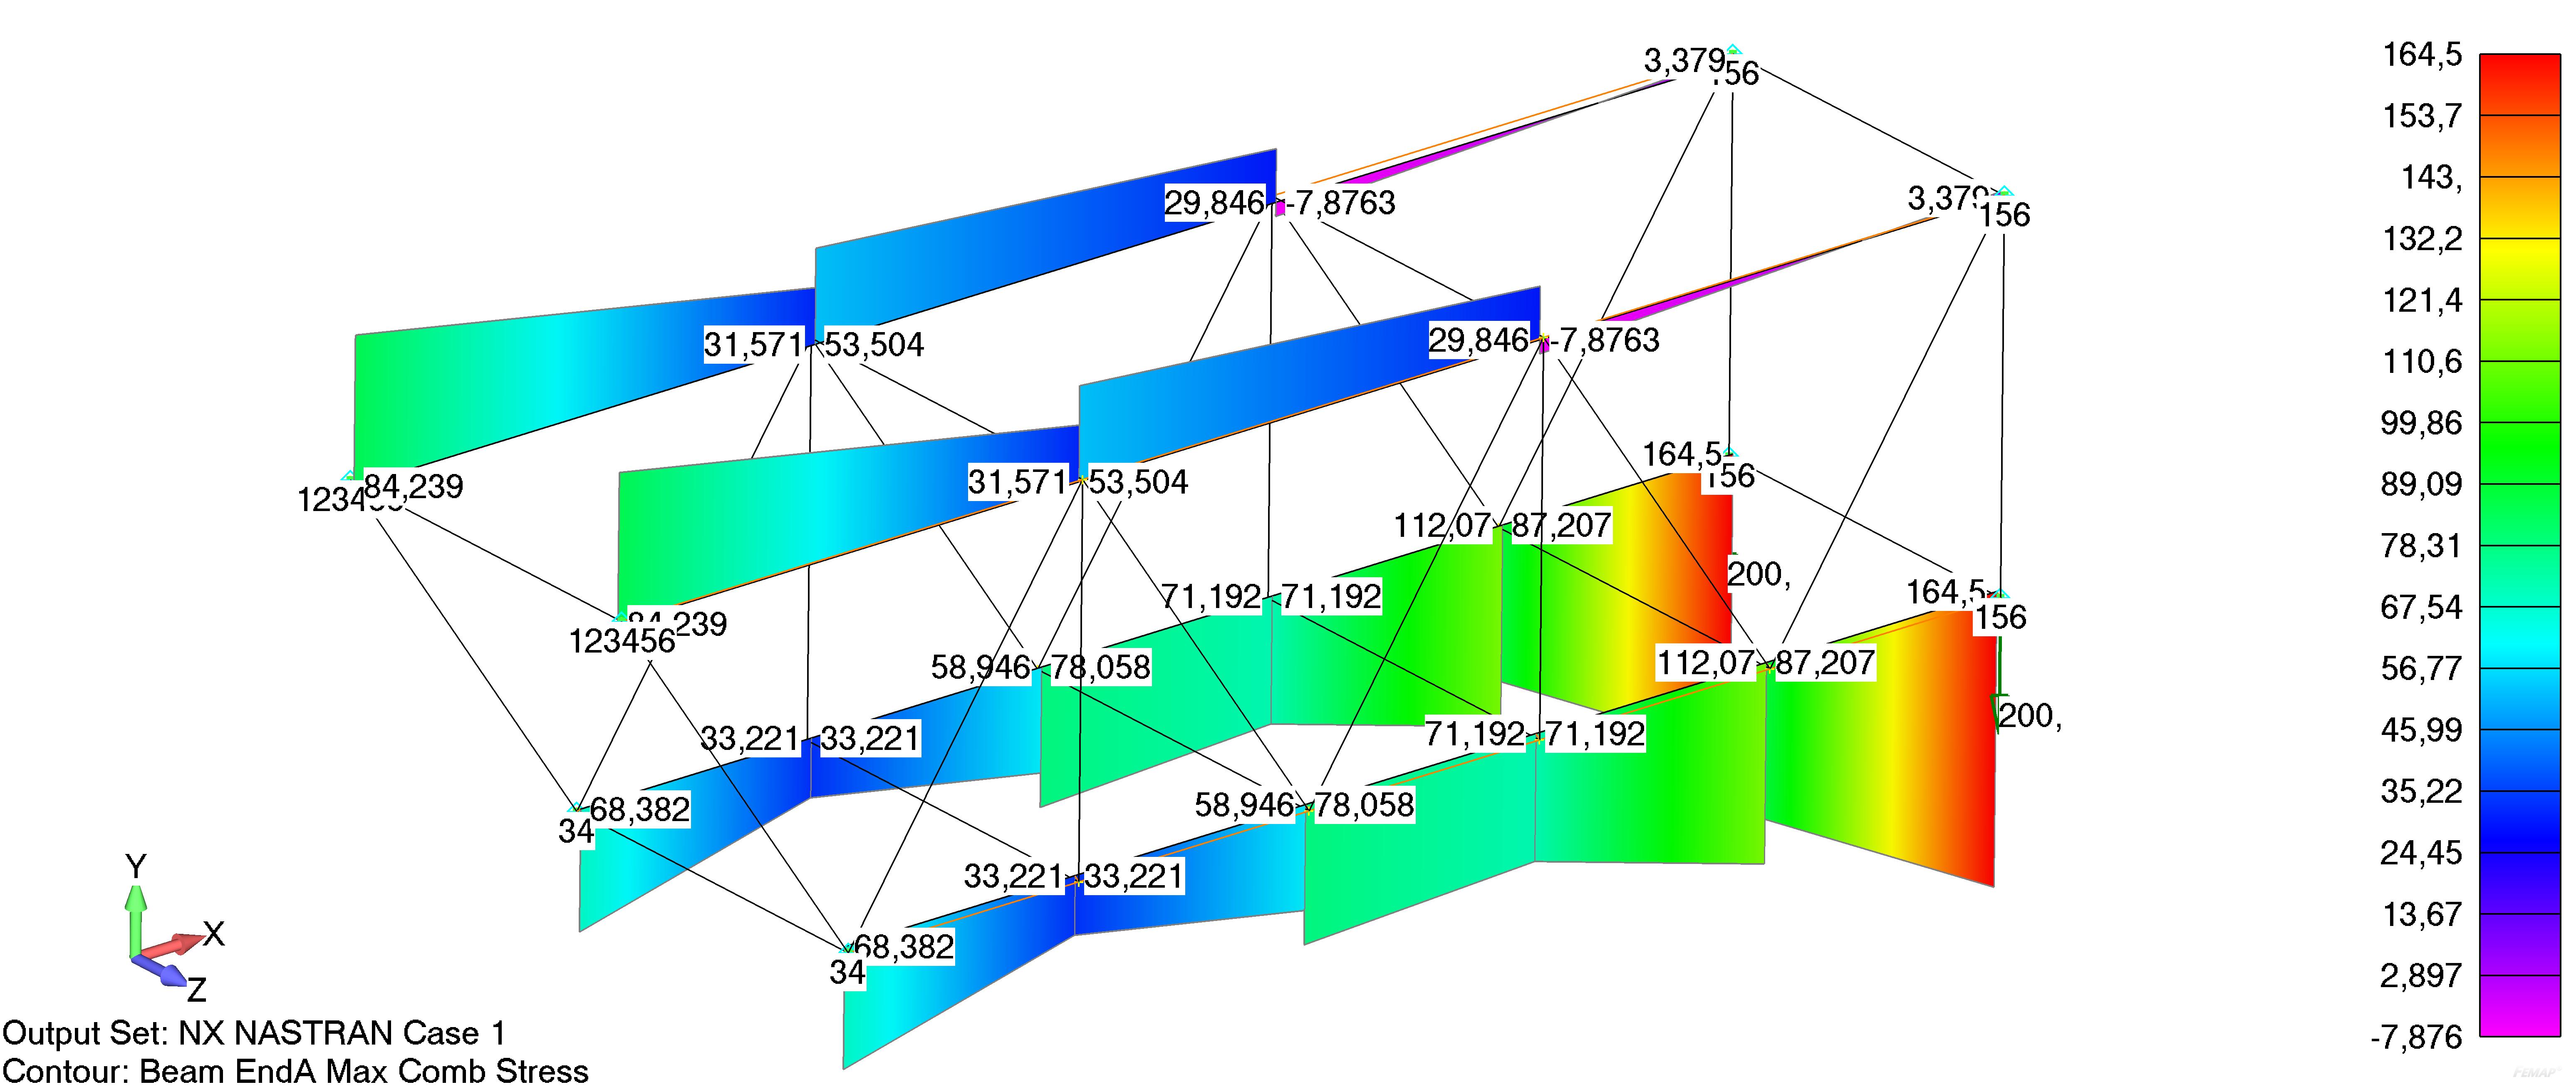 Femap NX Nastran алочной диаграммы осевых напряжений в элементах